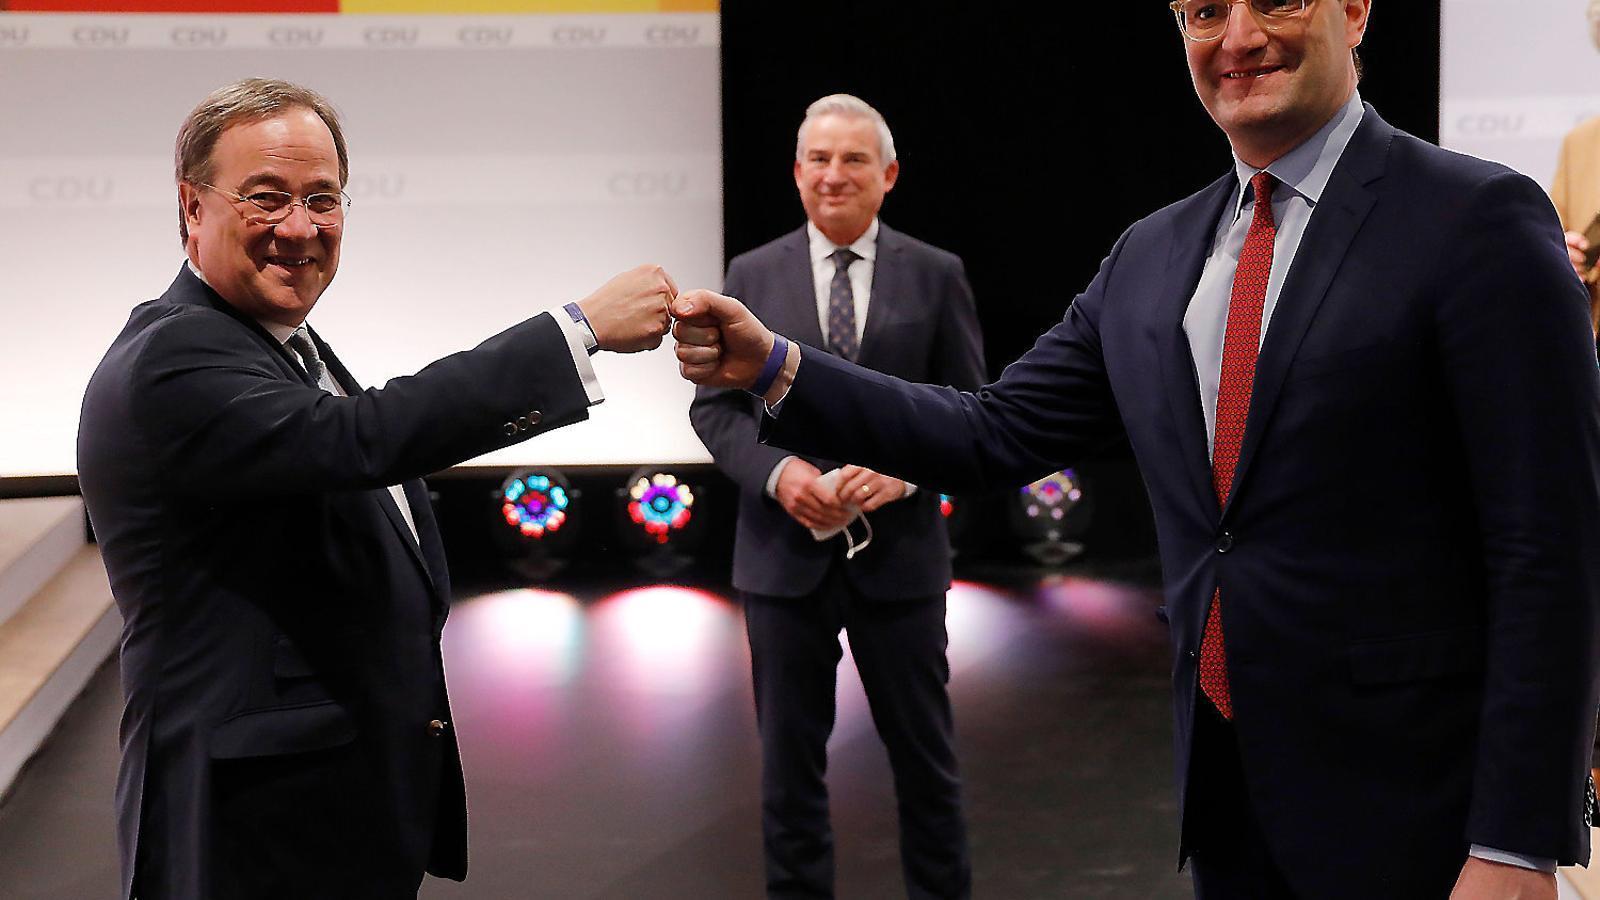 El nou president de la CDU, Armin Laschet (esquerra), celebrant la victòria amb el seu número dos, Jens Spahn.